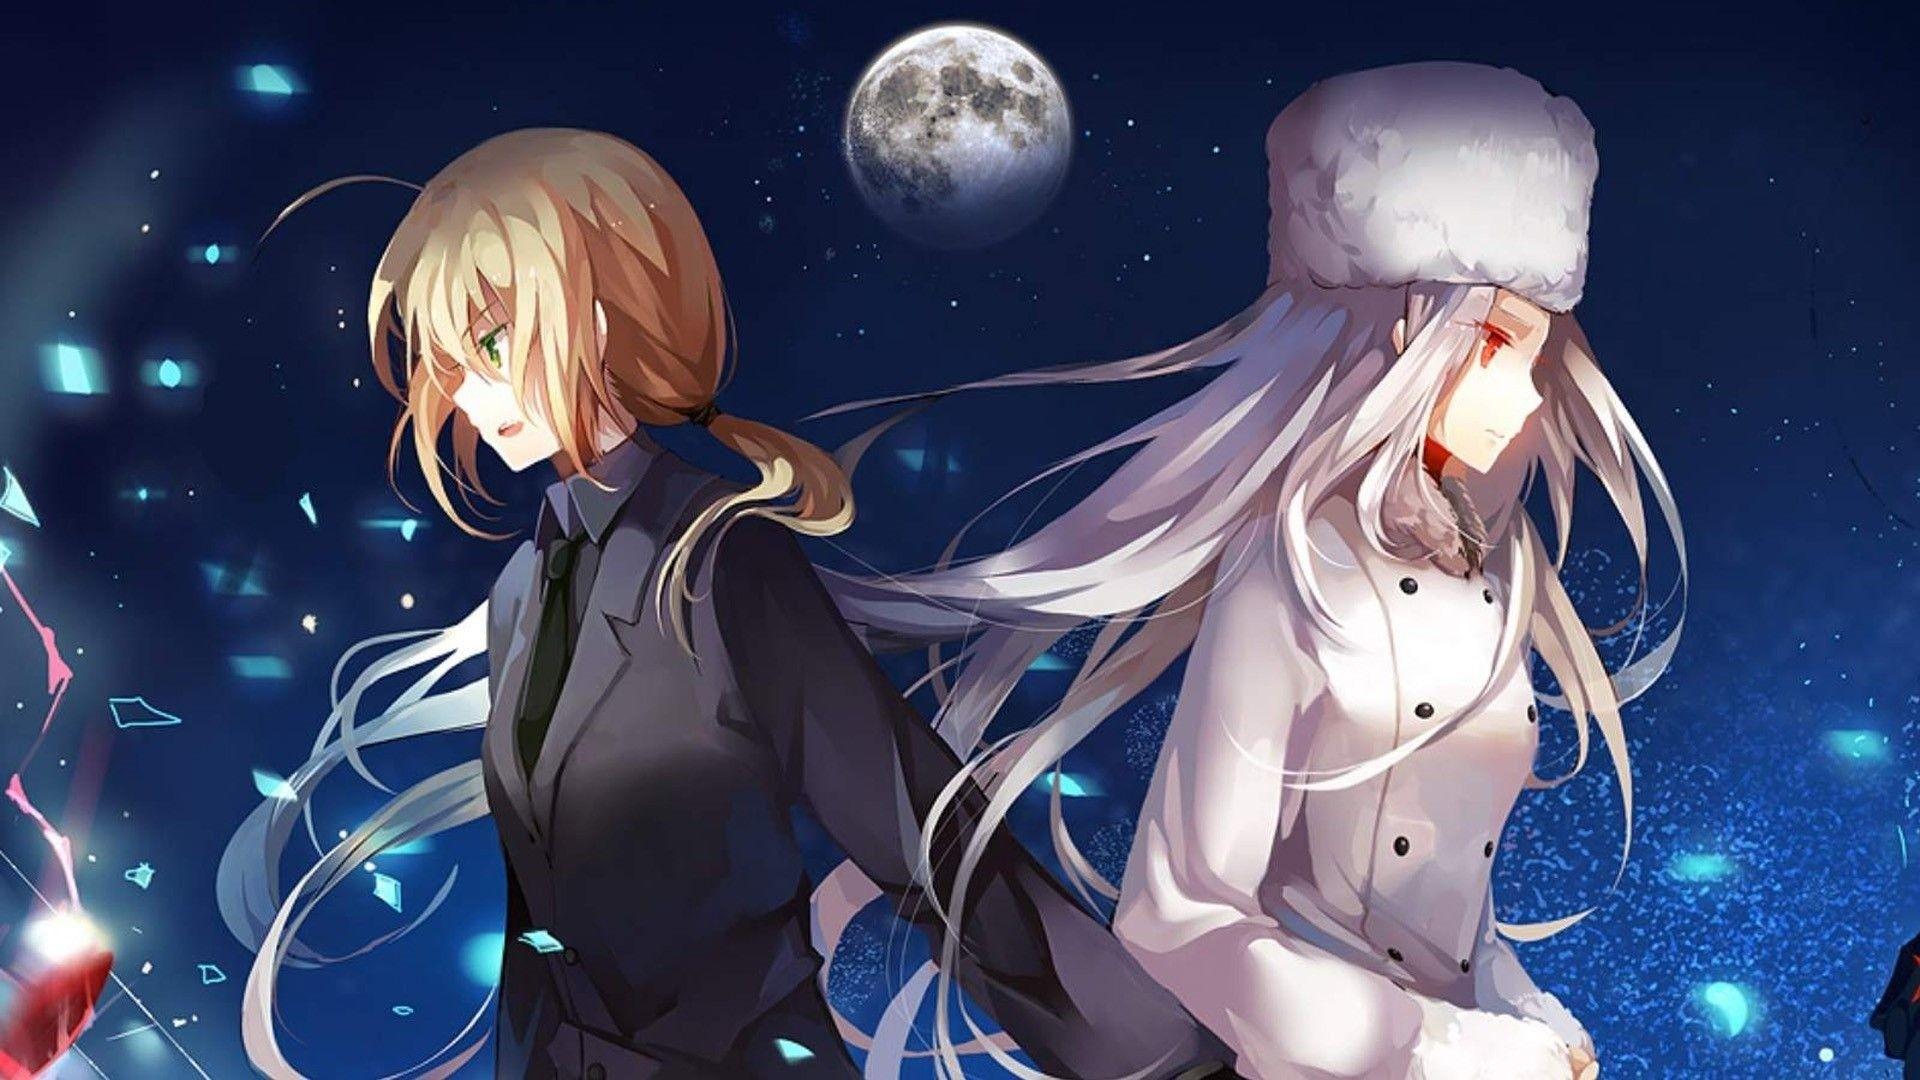 Fate Zero beautiful wallpaper